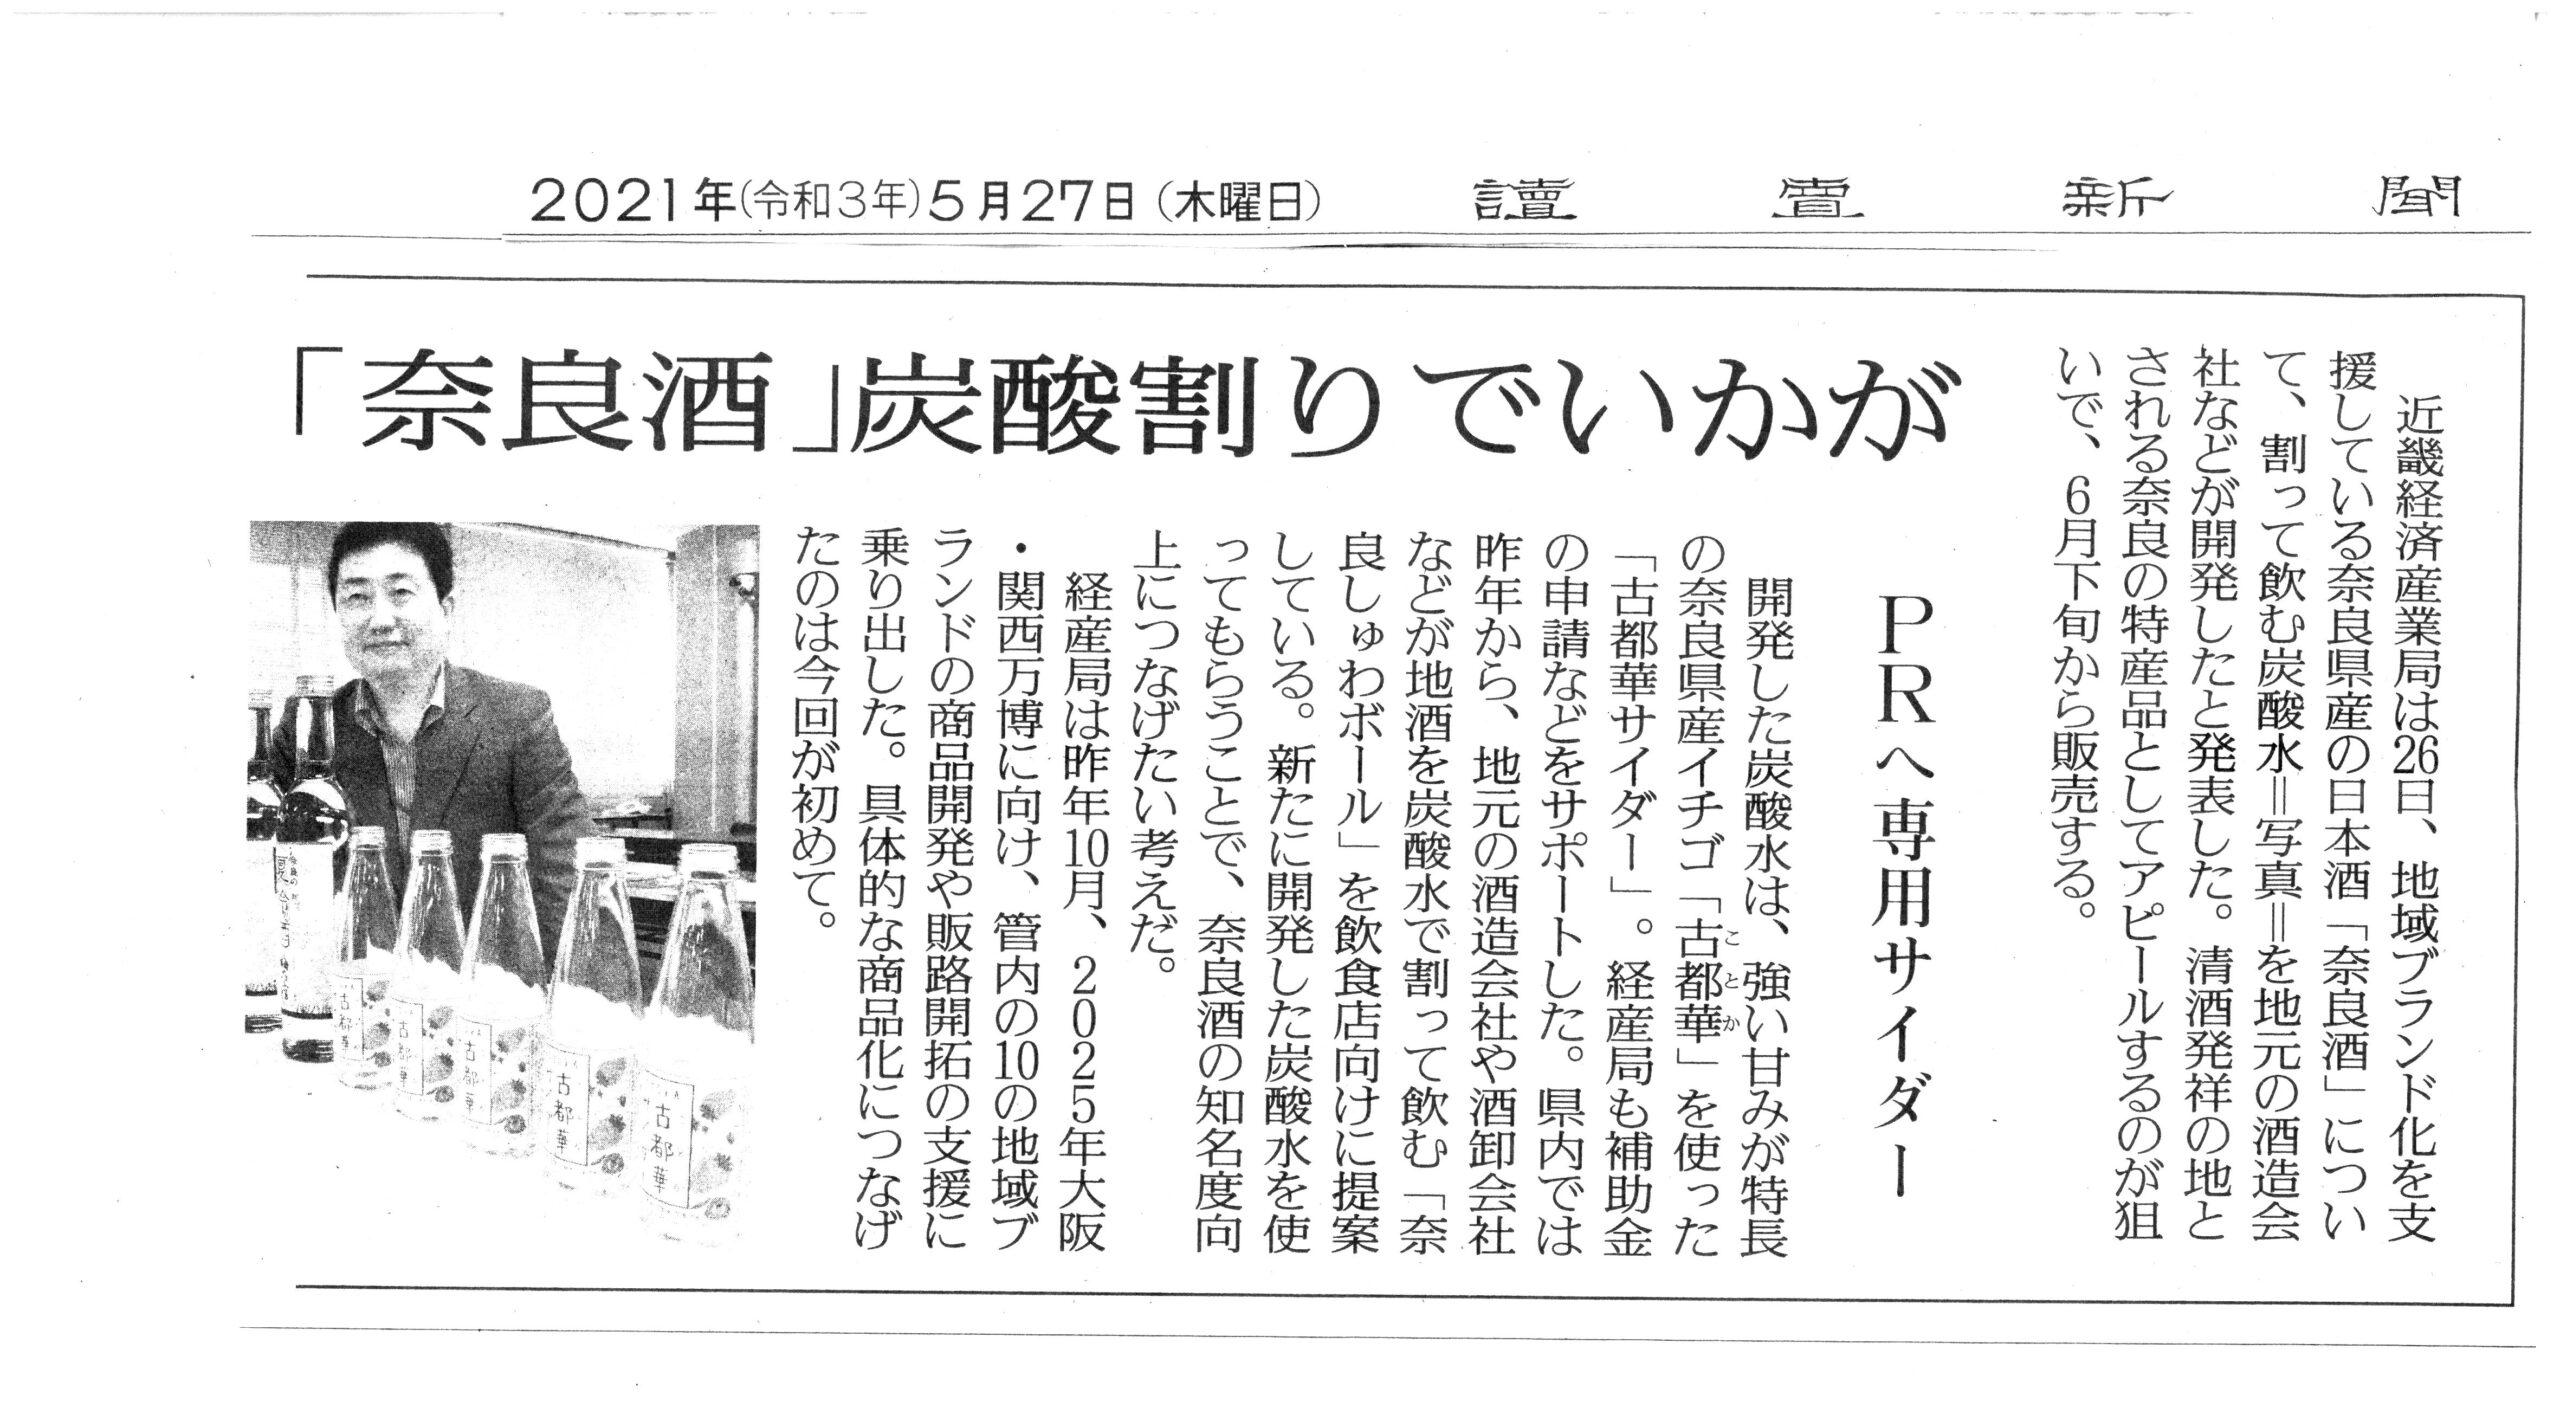 読売新聞で『古都華サイダー』が紹介されました!